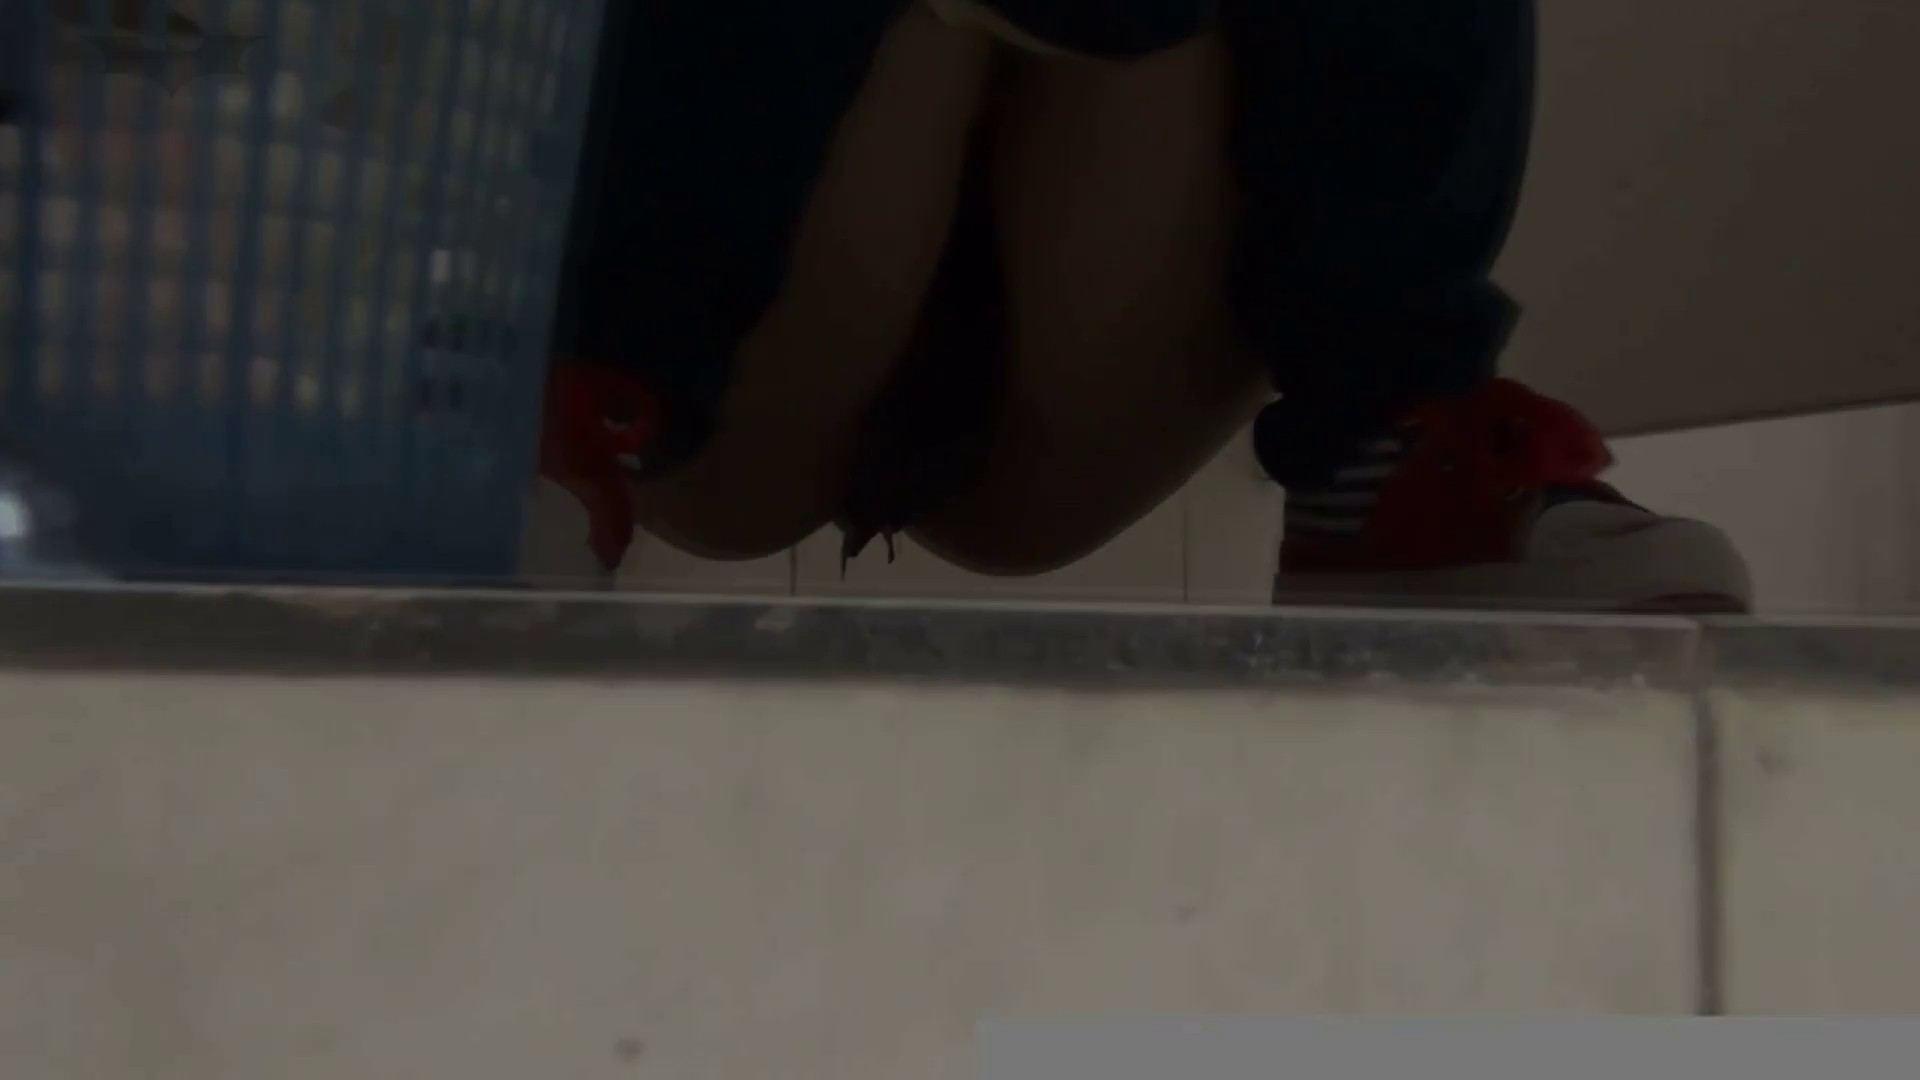 JD盗撮 美女の洗面所の秘密 Vol.20 美女 おまんこ動画流出 94連発 48